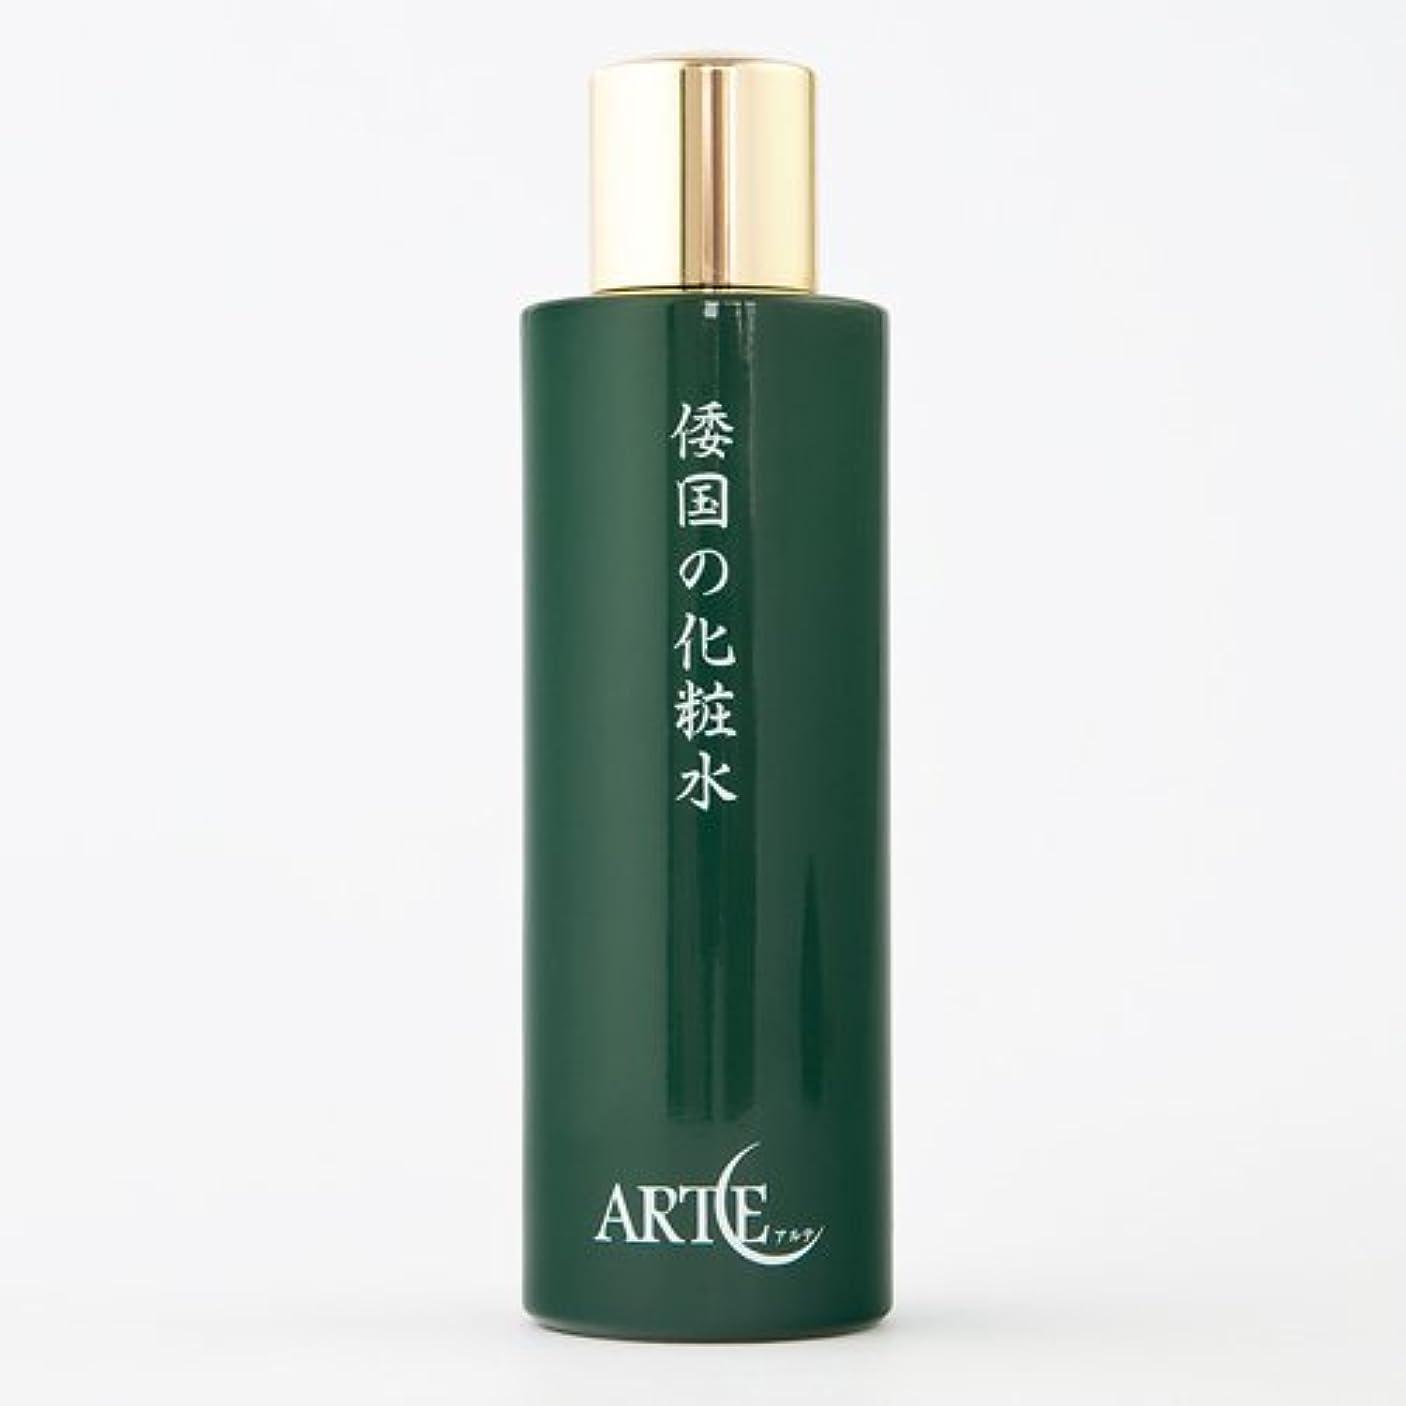 含めるわかりやすいバラバラにするアルテ 倭国の化粧水 普通肌用 100ml